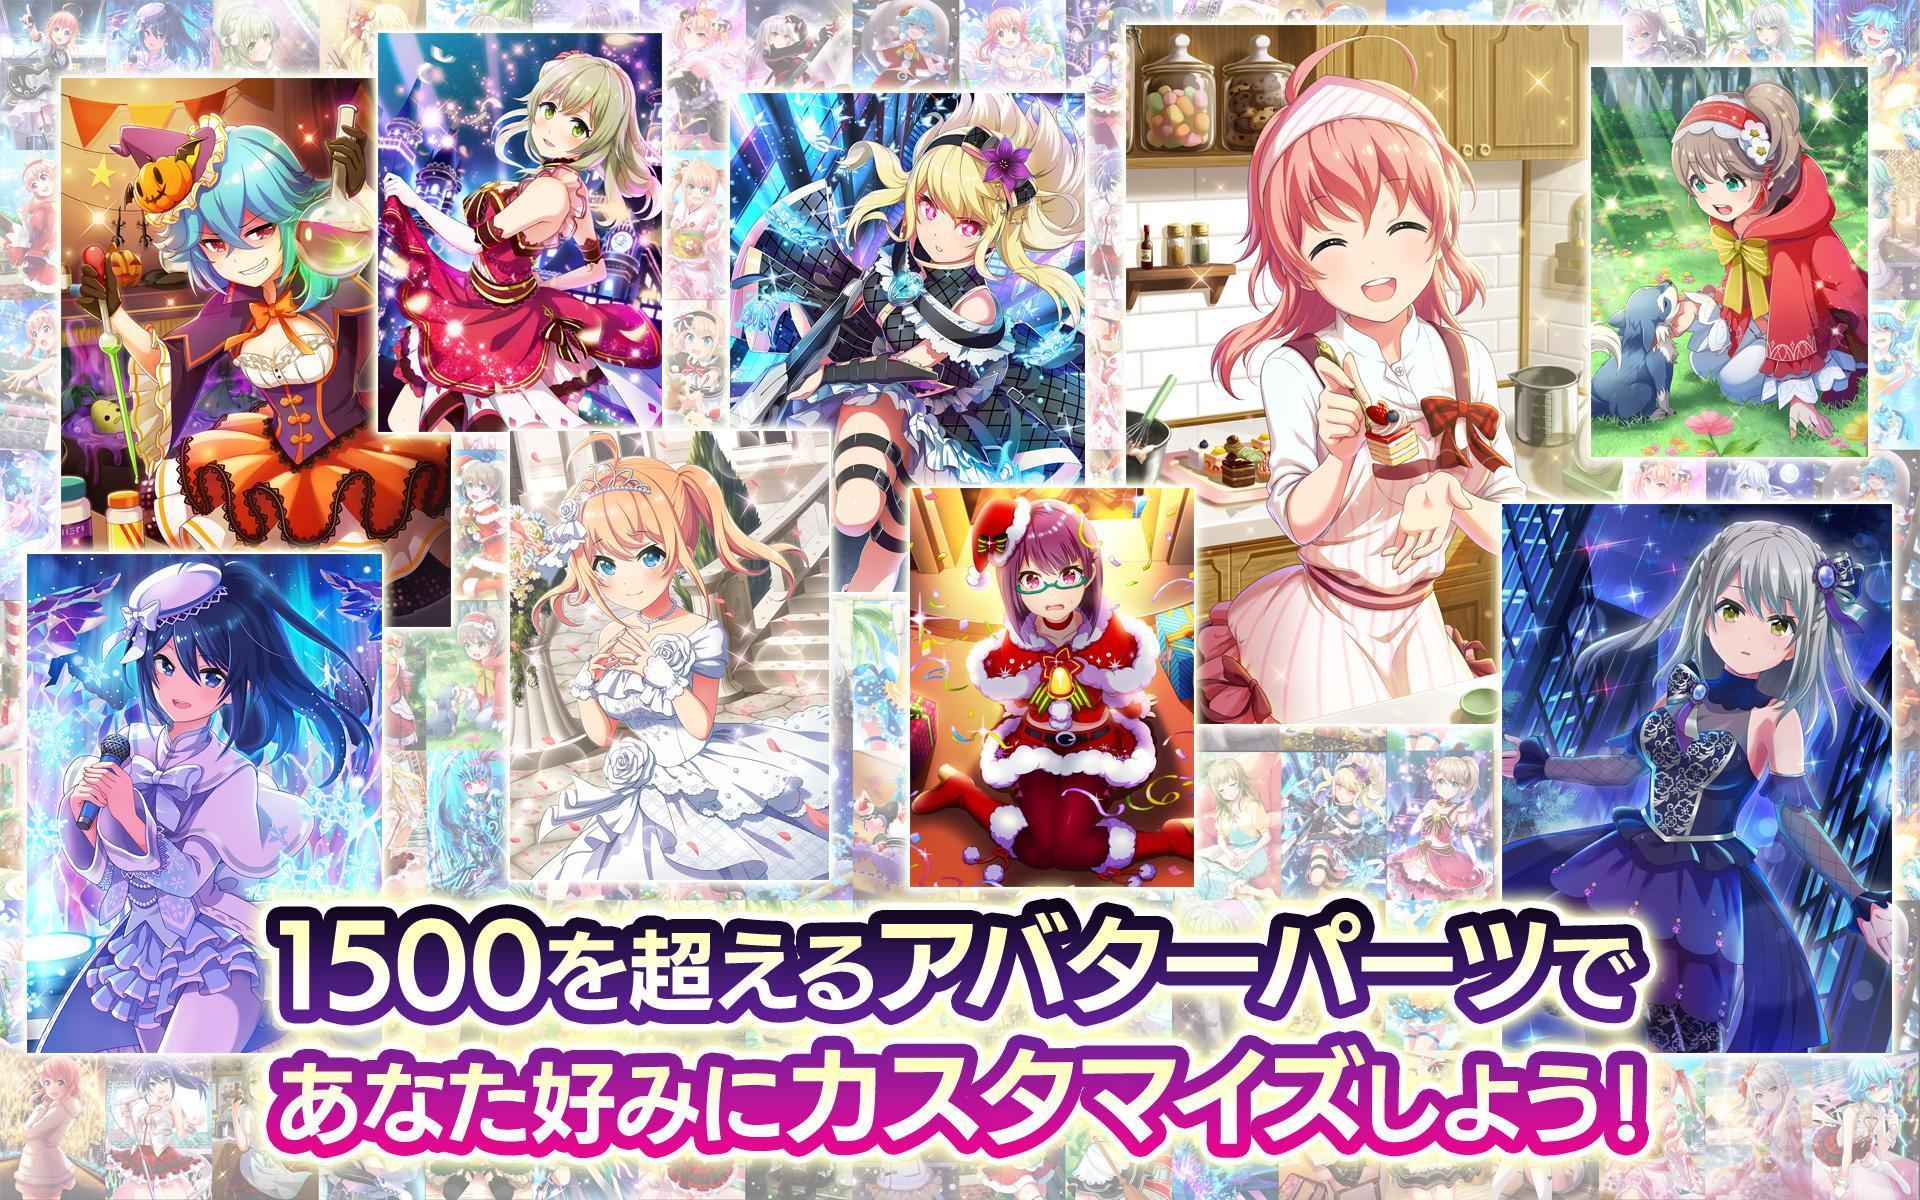 プロジェクト東京ドールズ :美少女タップアクションRPG 4.1.0 Screenshot 9